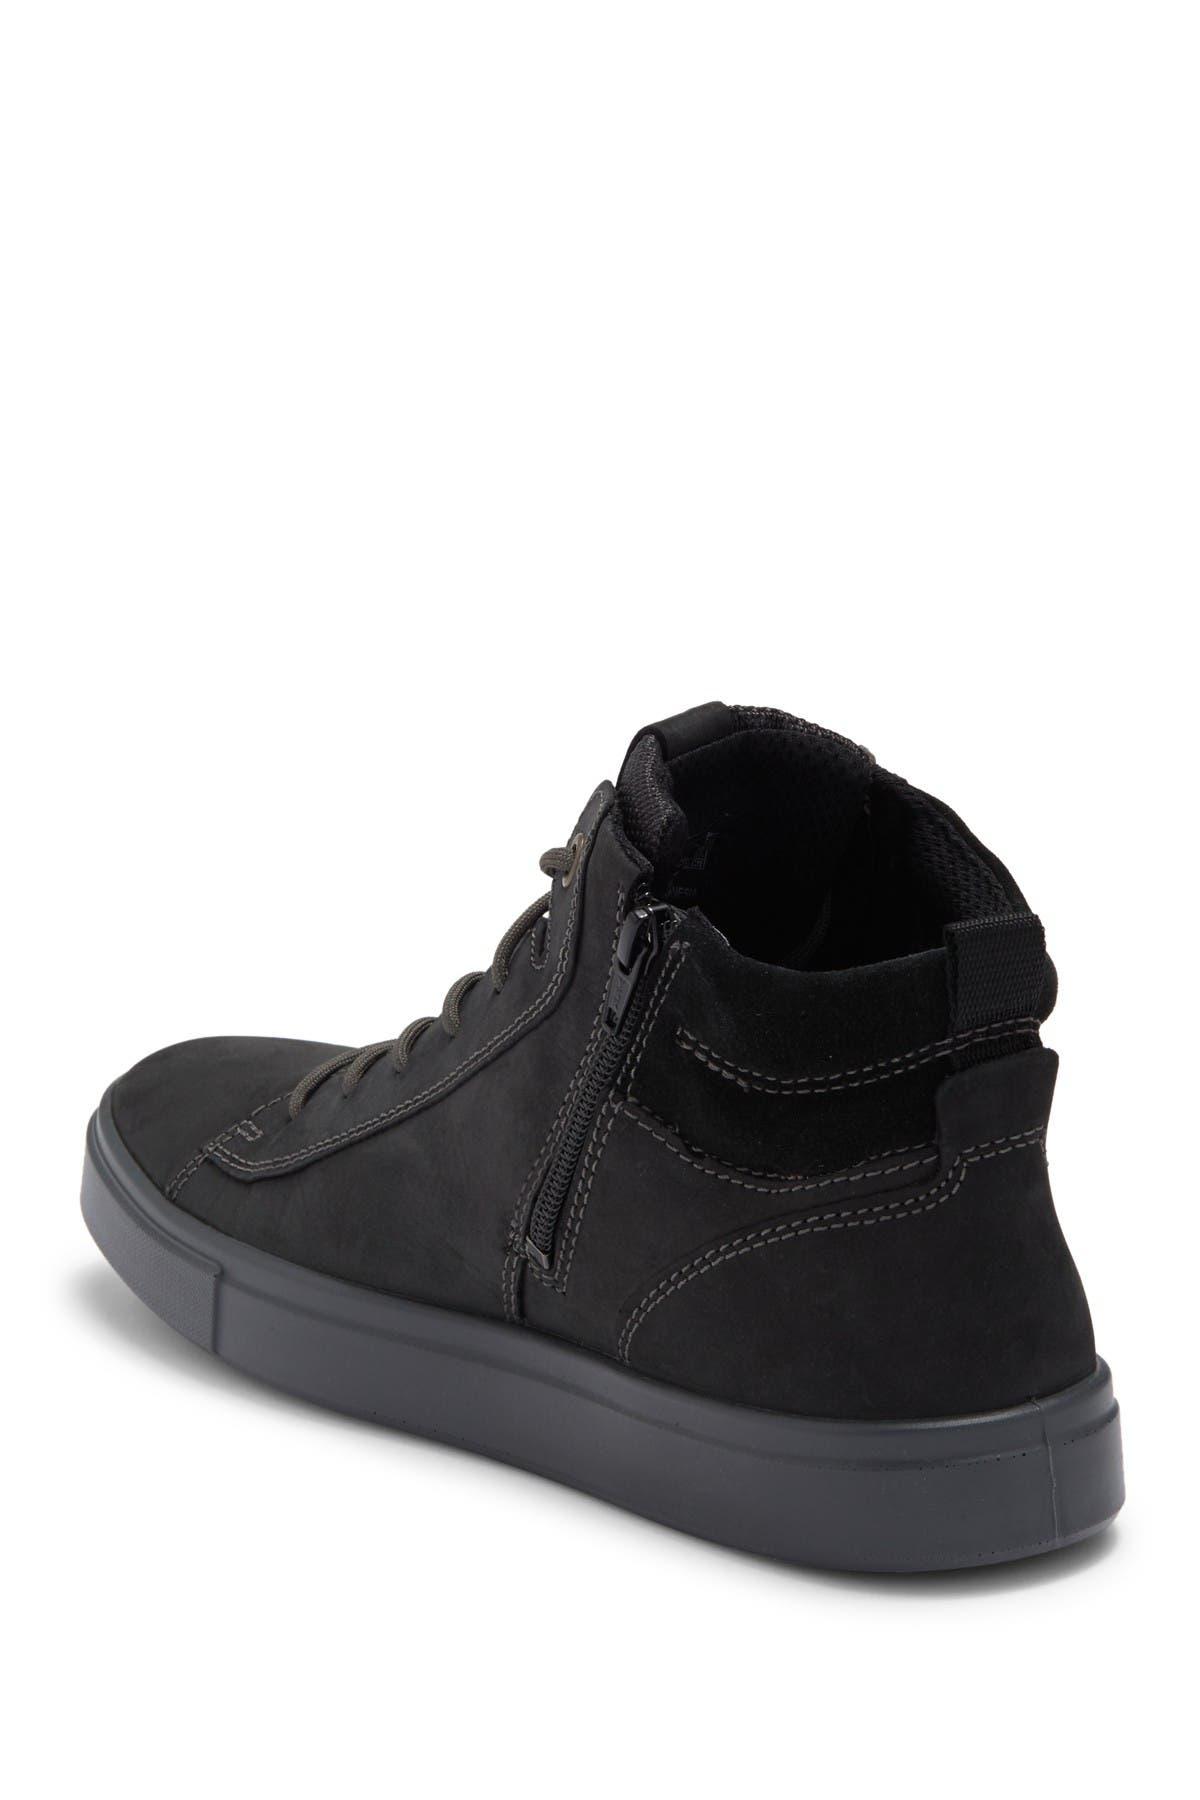 Image of ECCO Kyle Chukka Sneaker